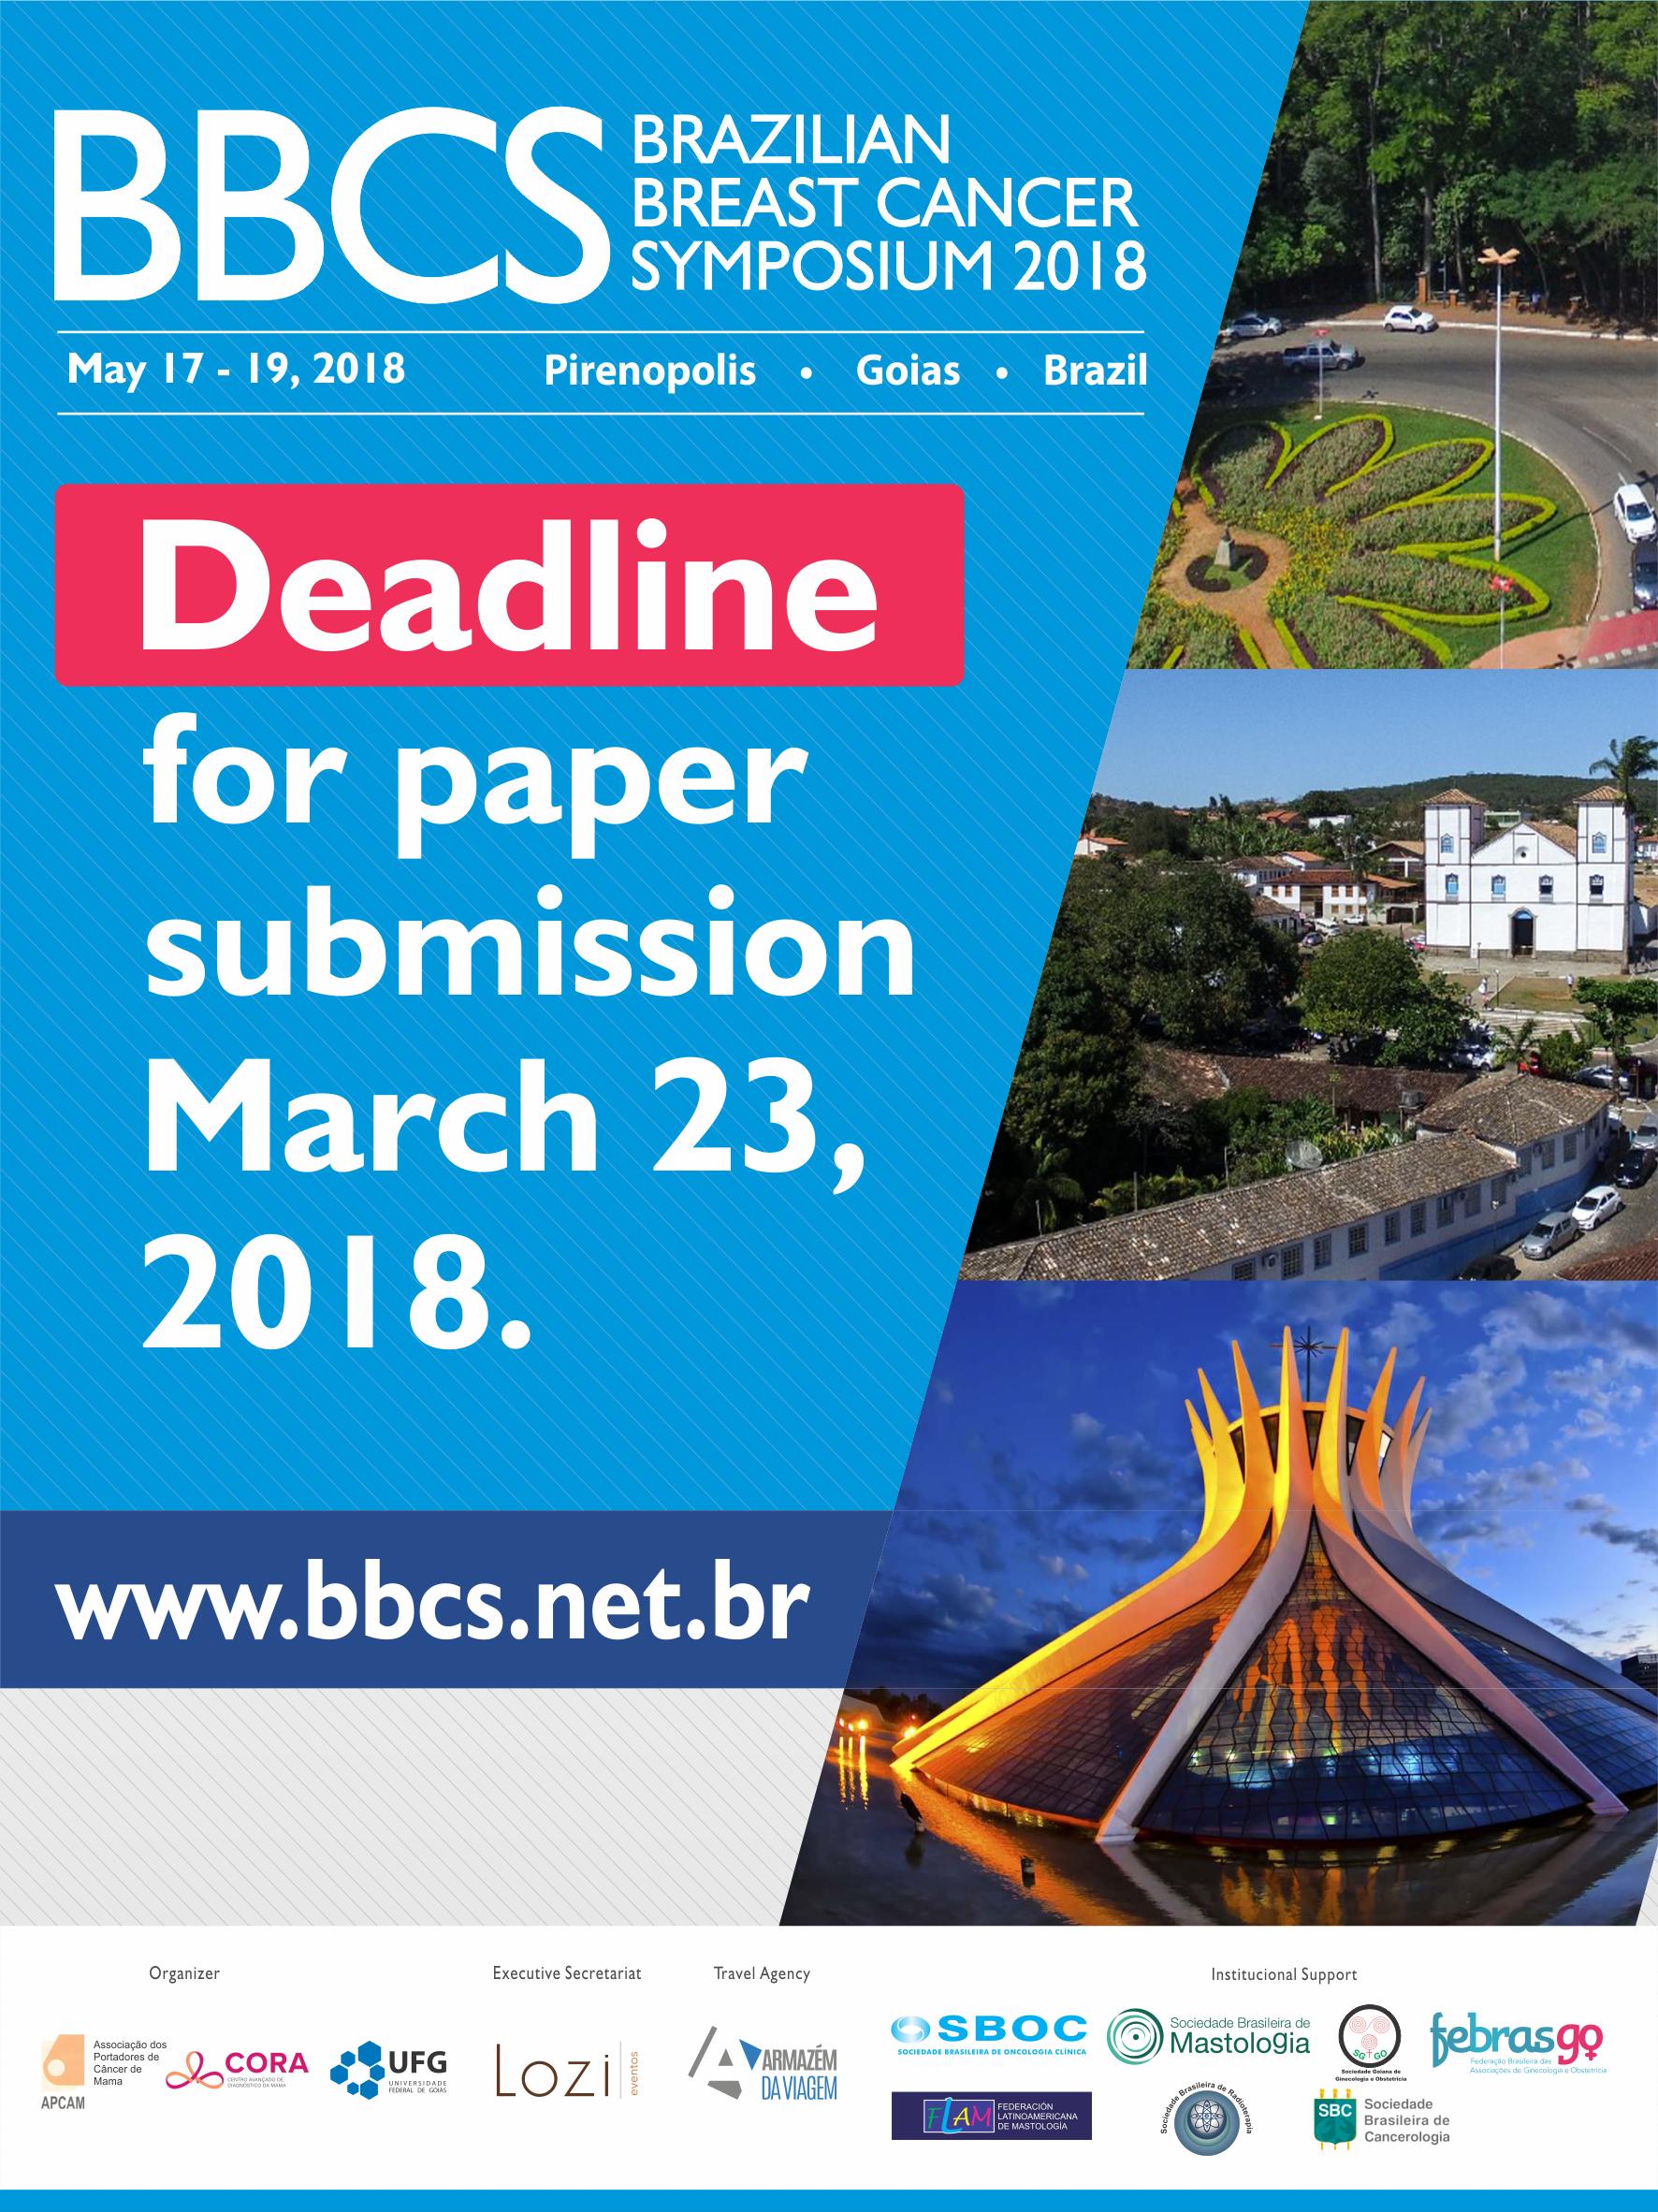 Email Mkt BBCS 2018 2